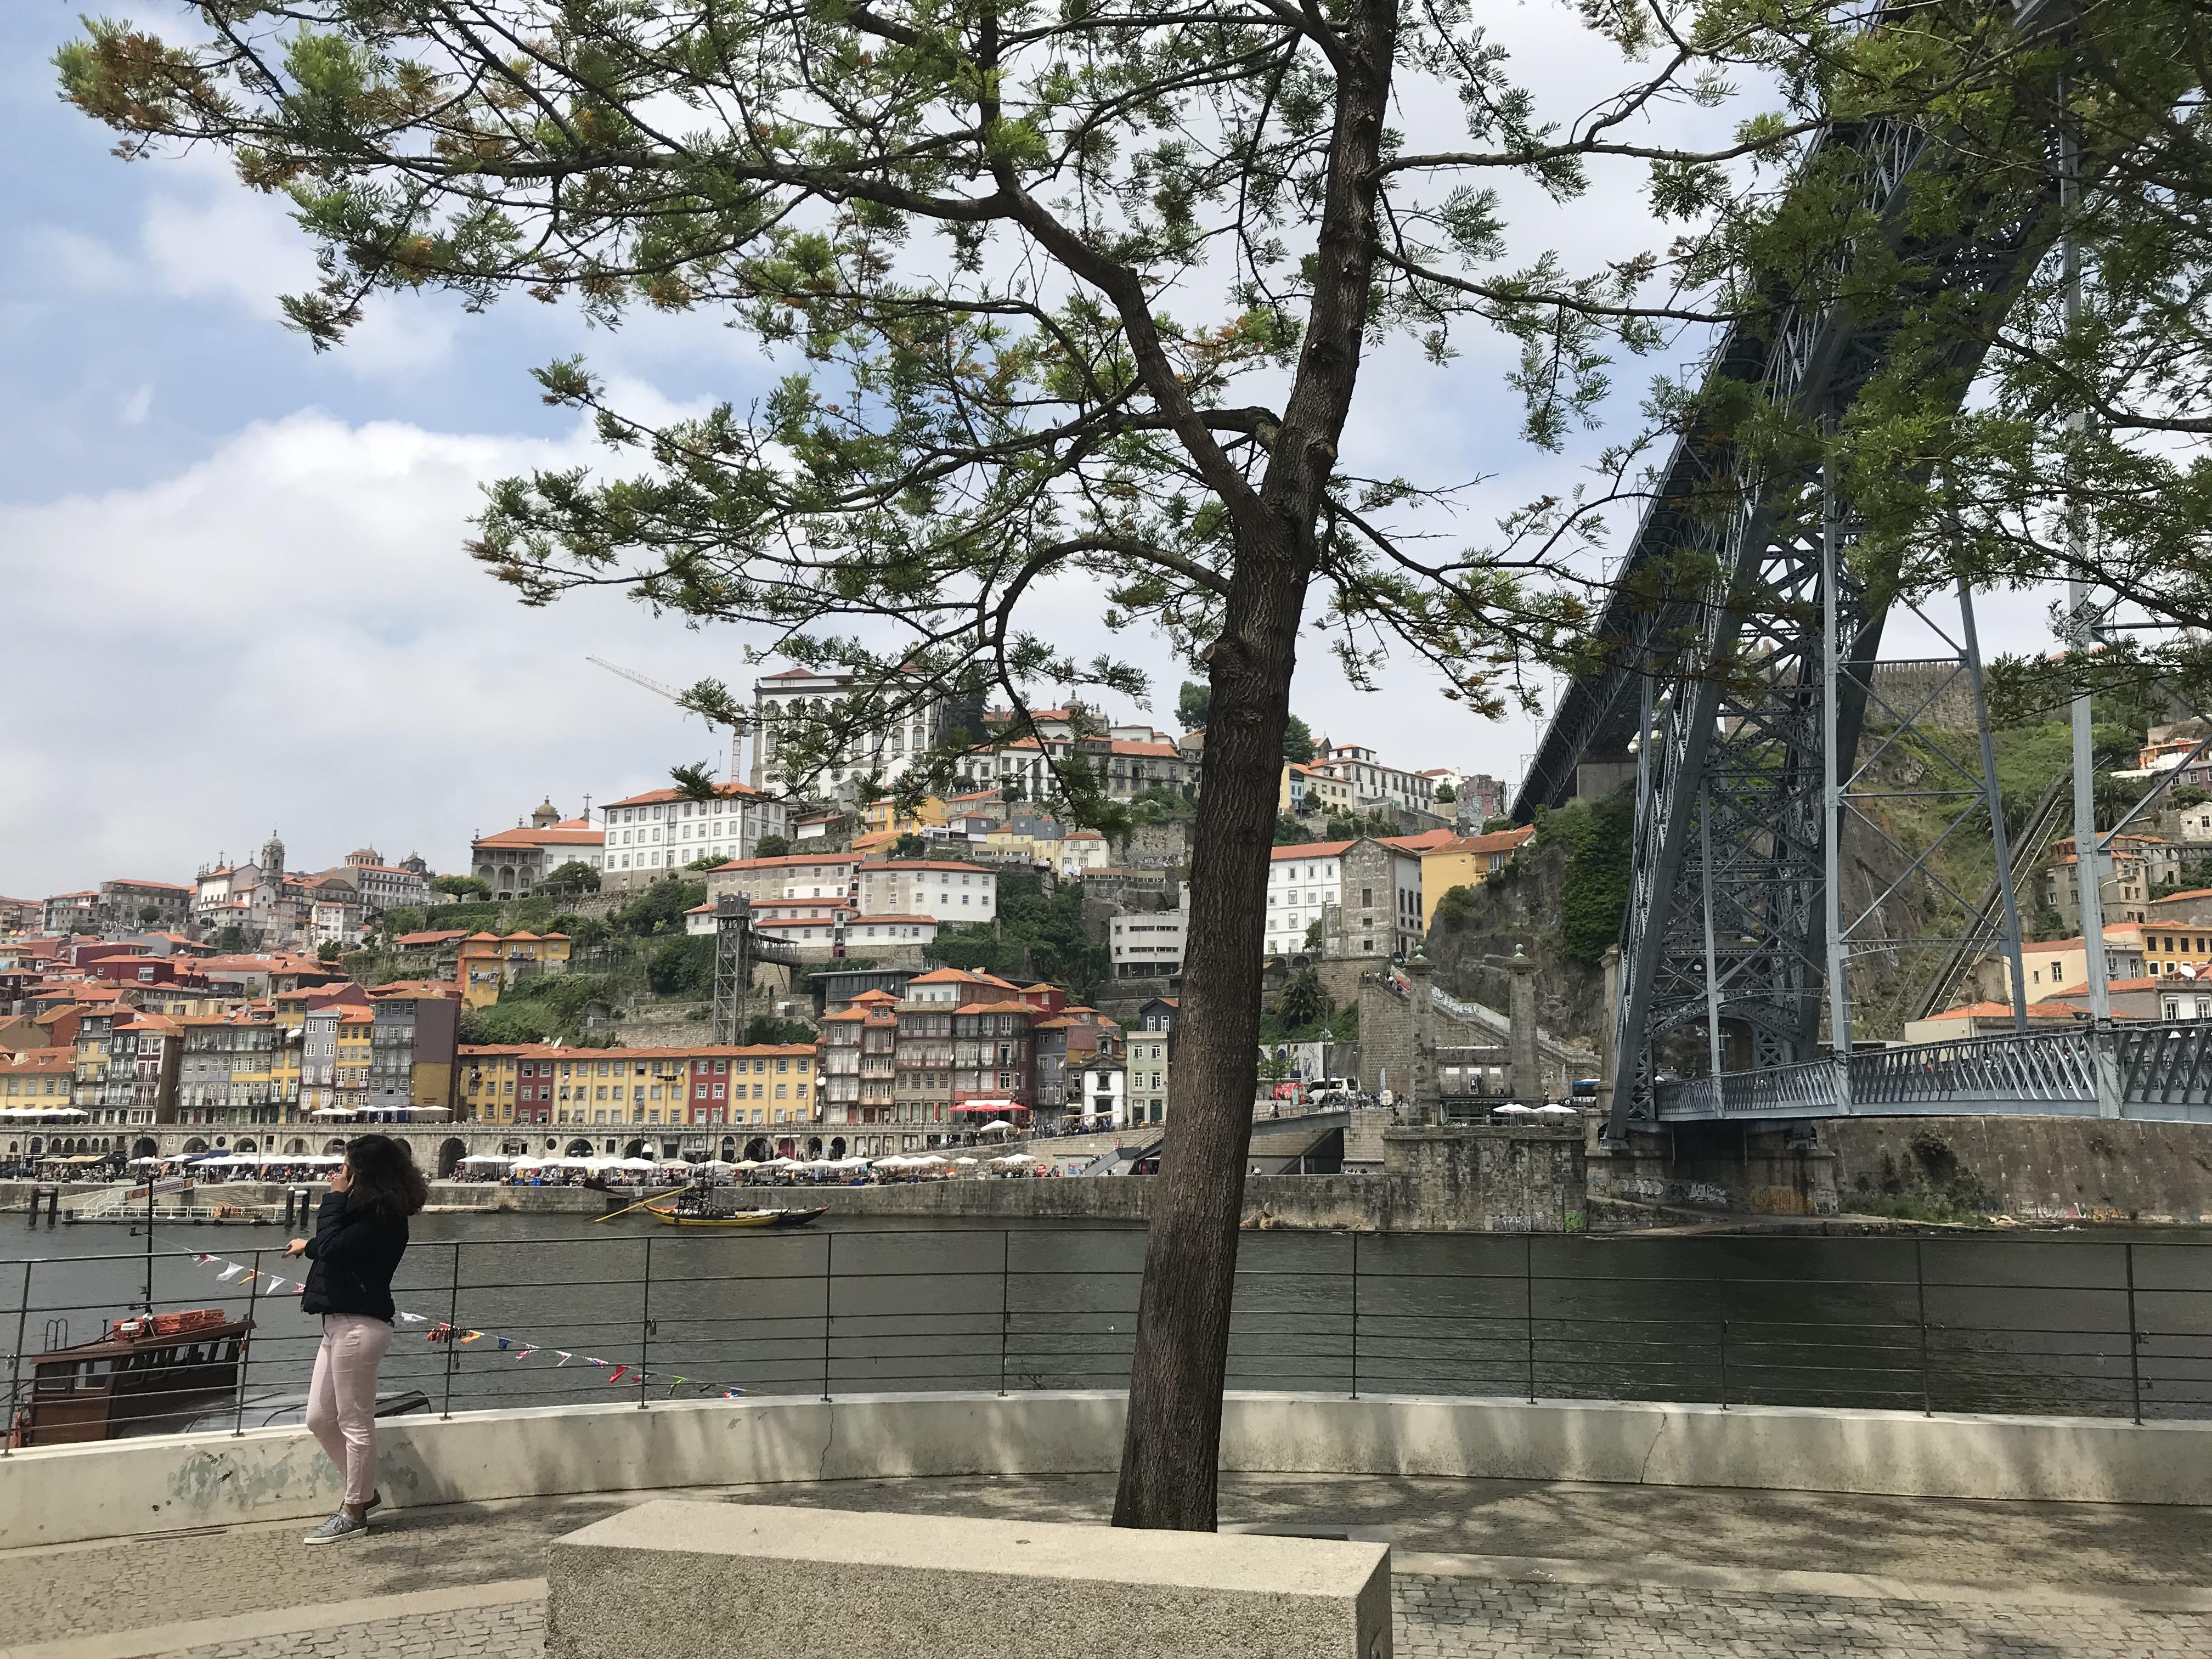 WanderlustBee - Porto, Portugal